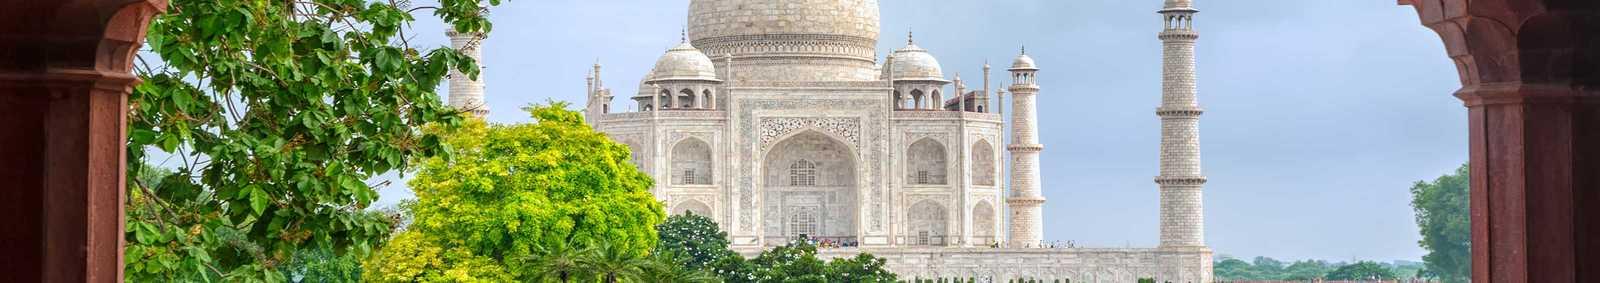 View of Taj Mahal